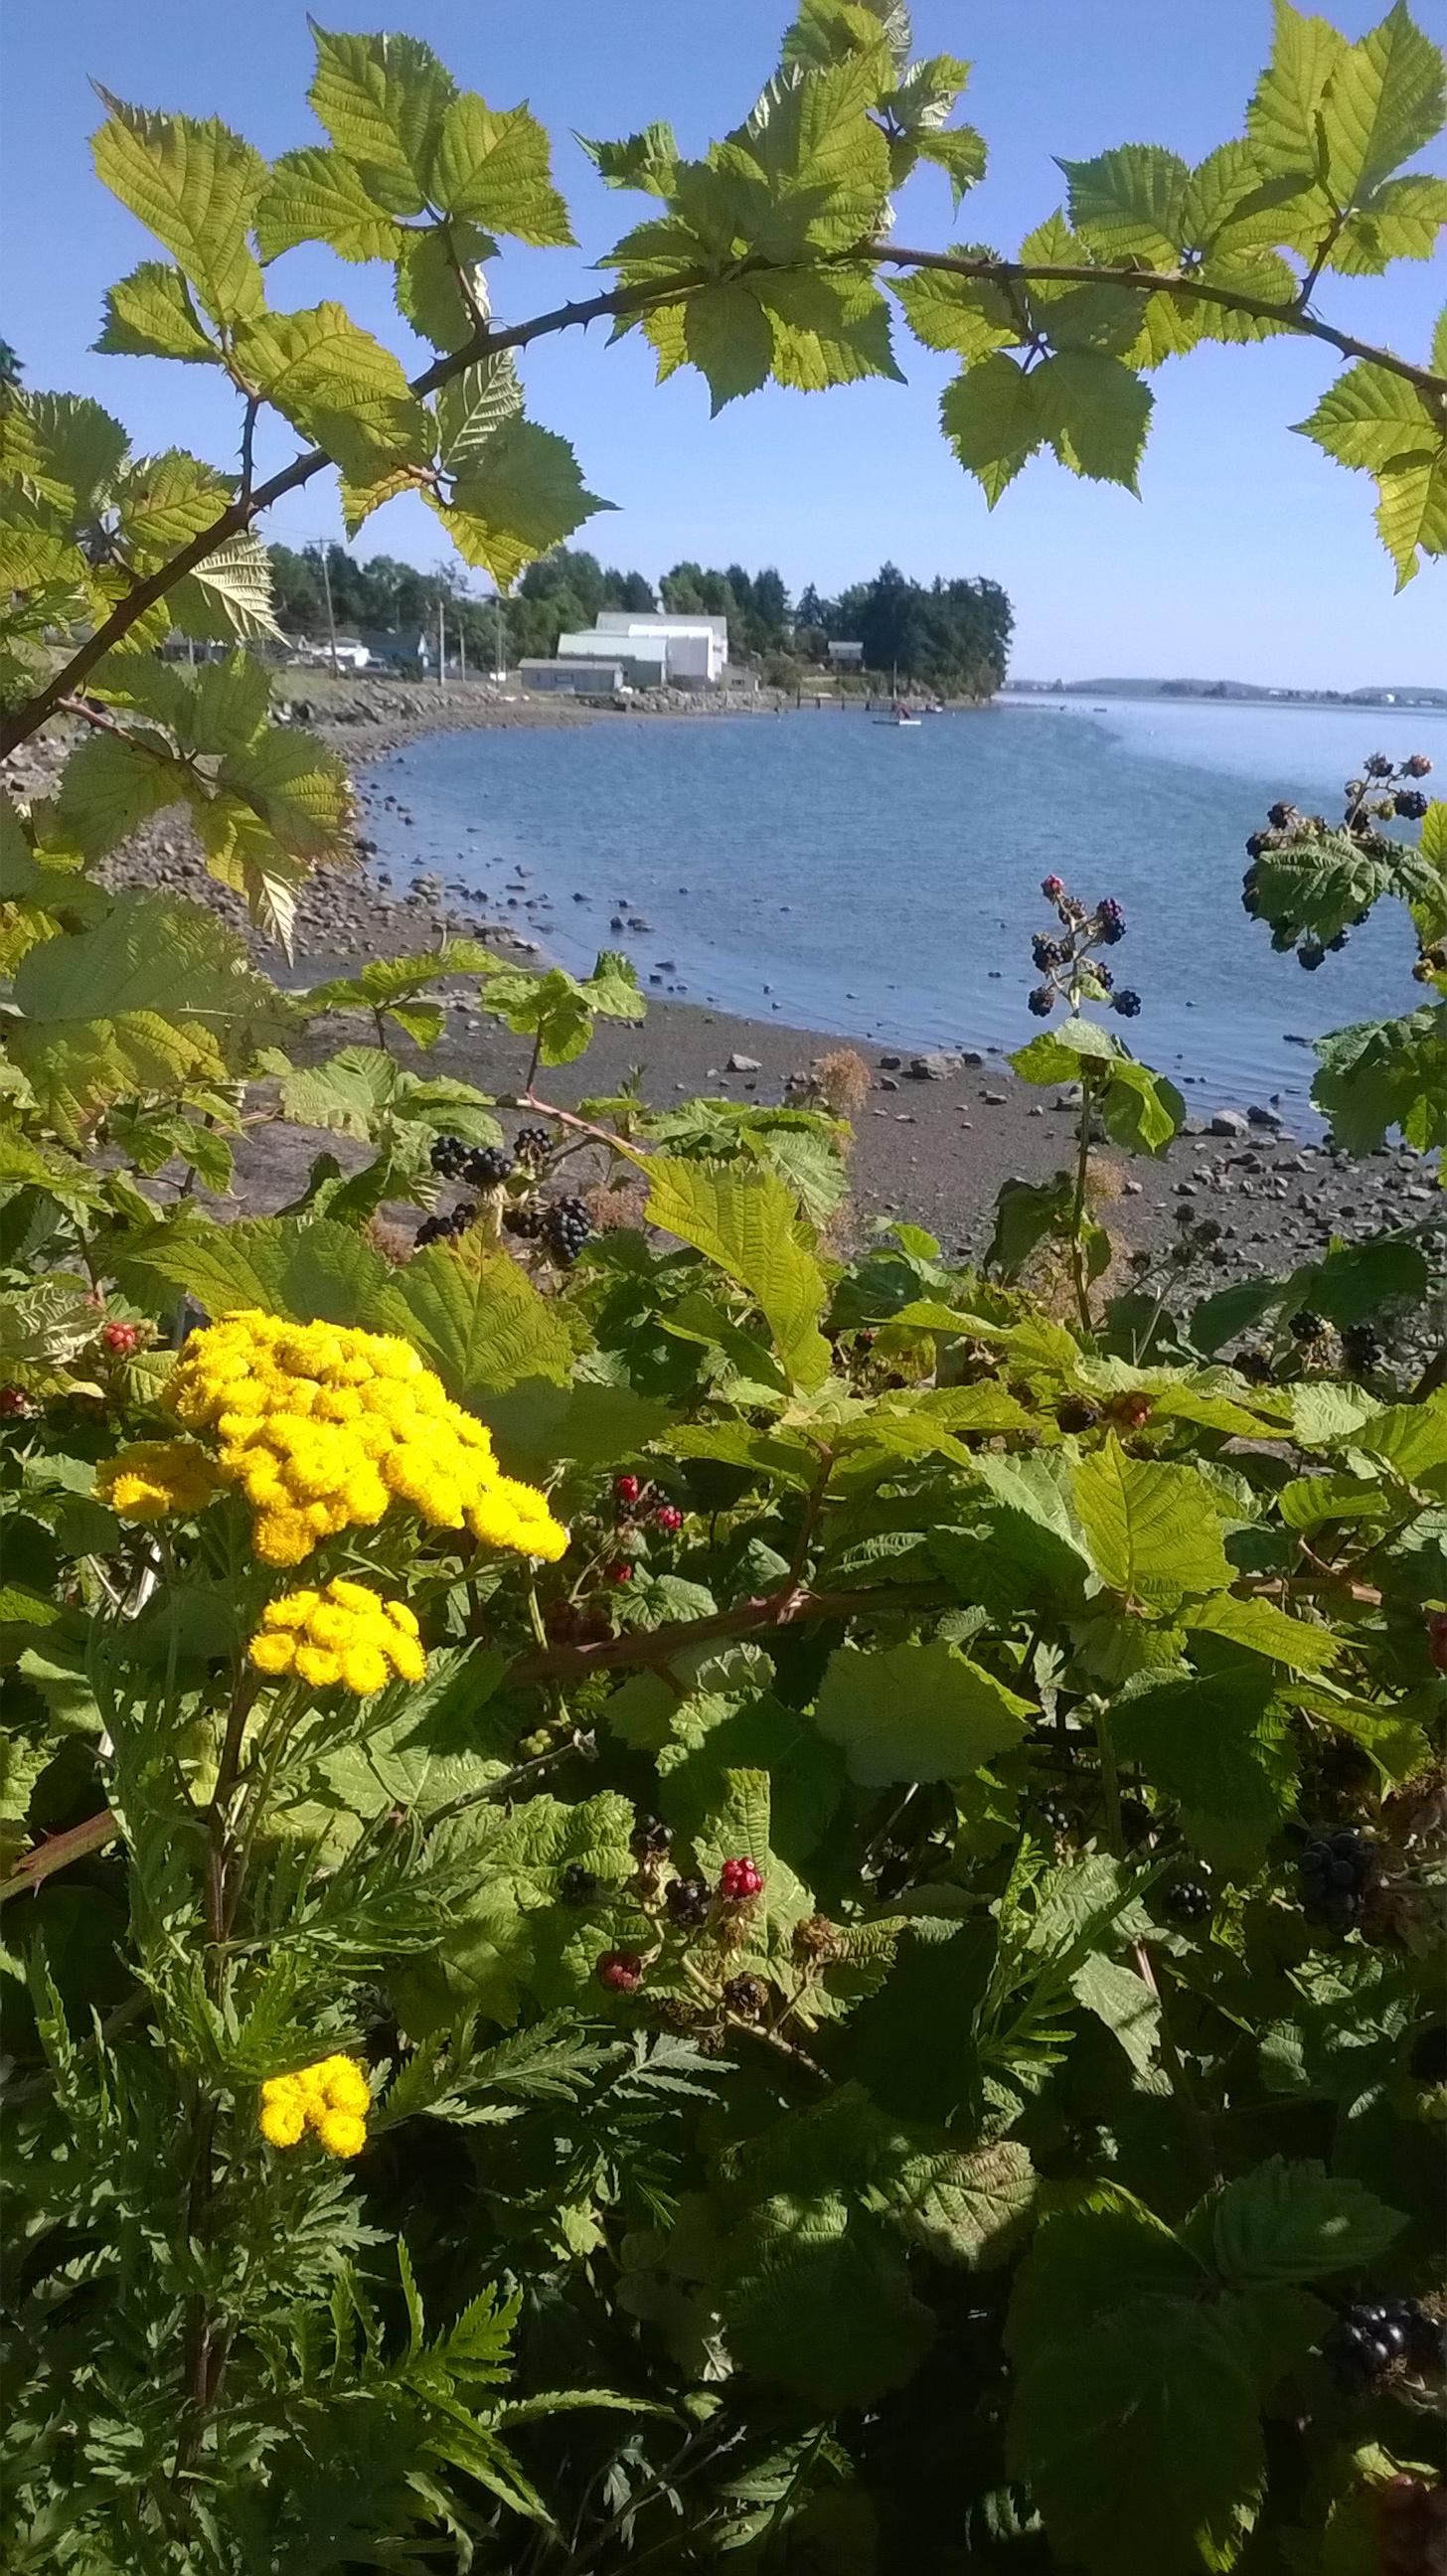 Samish Island in Washington State